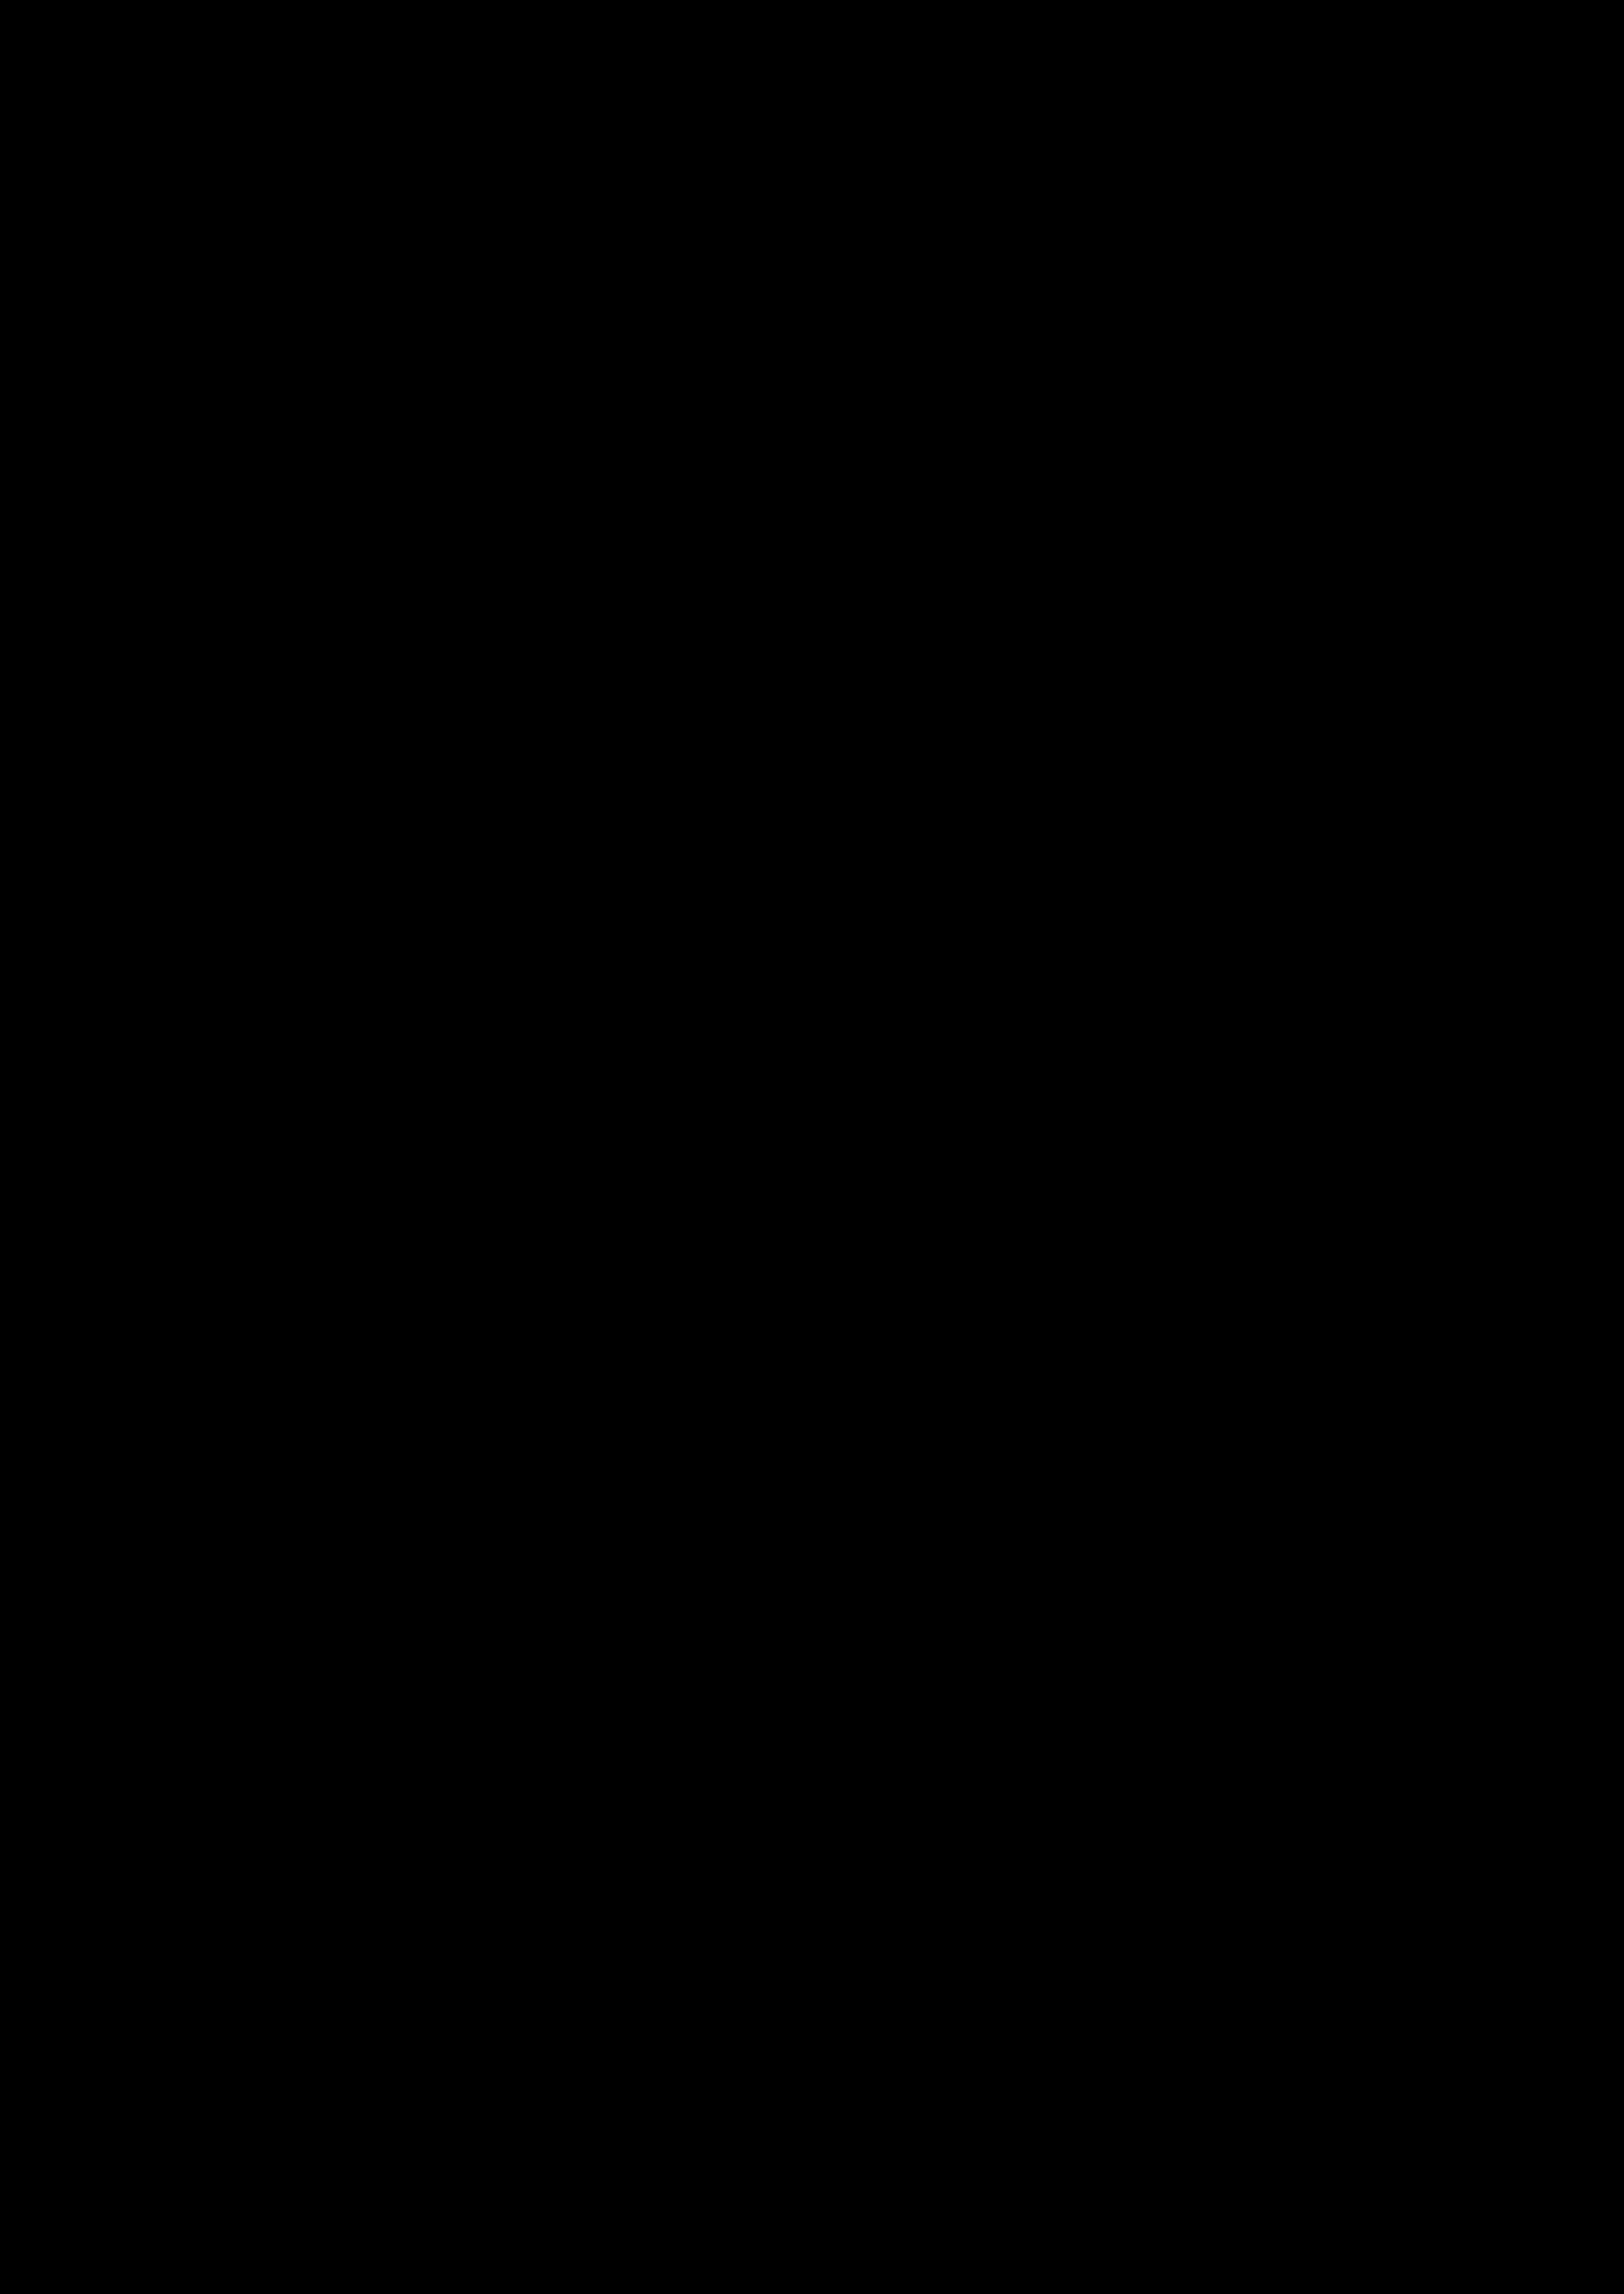 Vocalensemble Mittendrin, Konzert Mautern, gemeindesaal, 09.März 2019